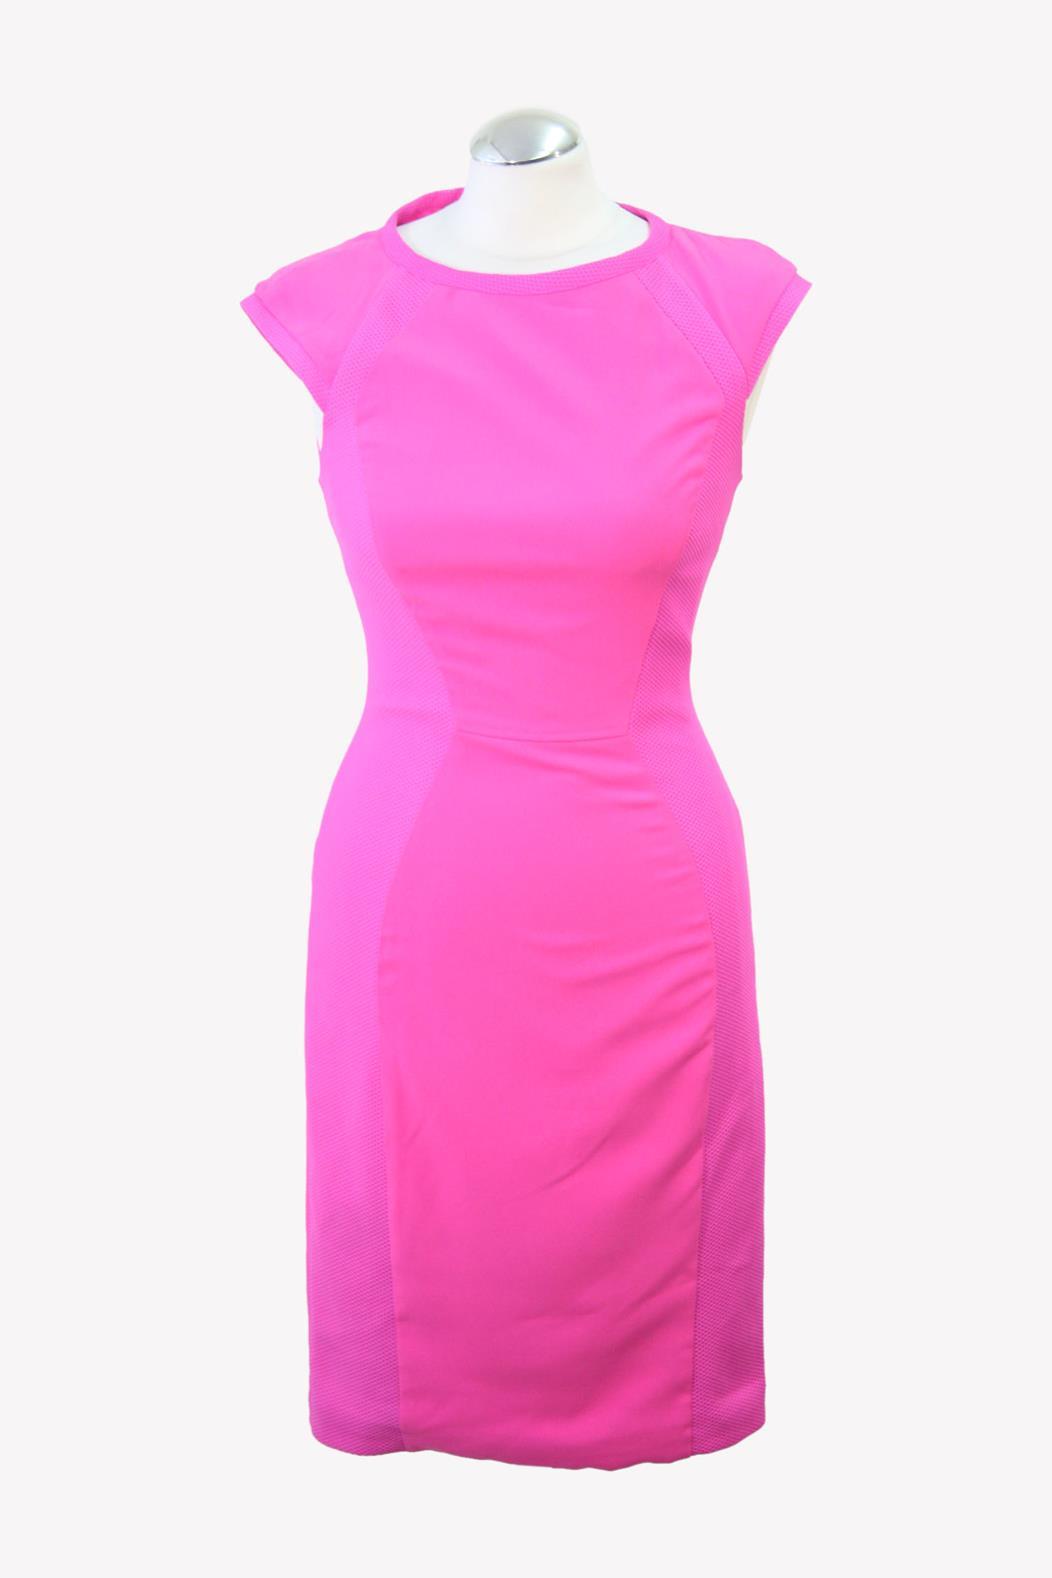 Ted Baker Kleid in Rosa aus AG6635 AG6635.1